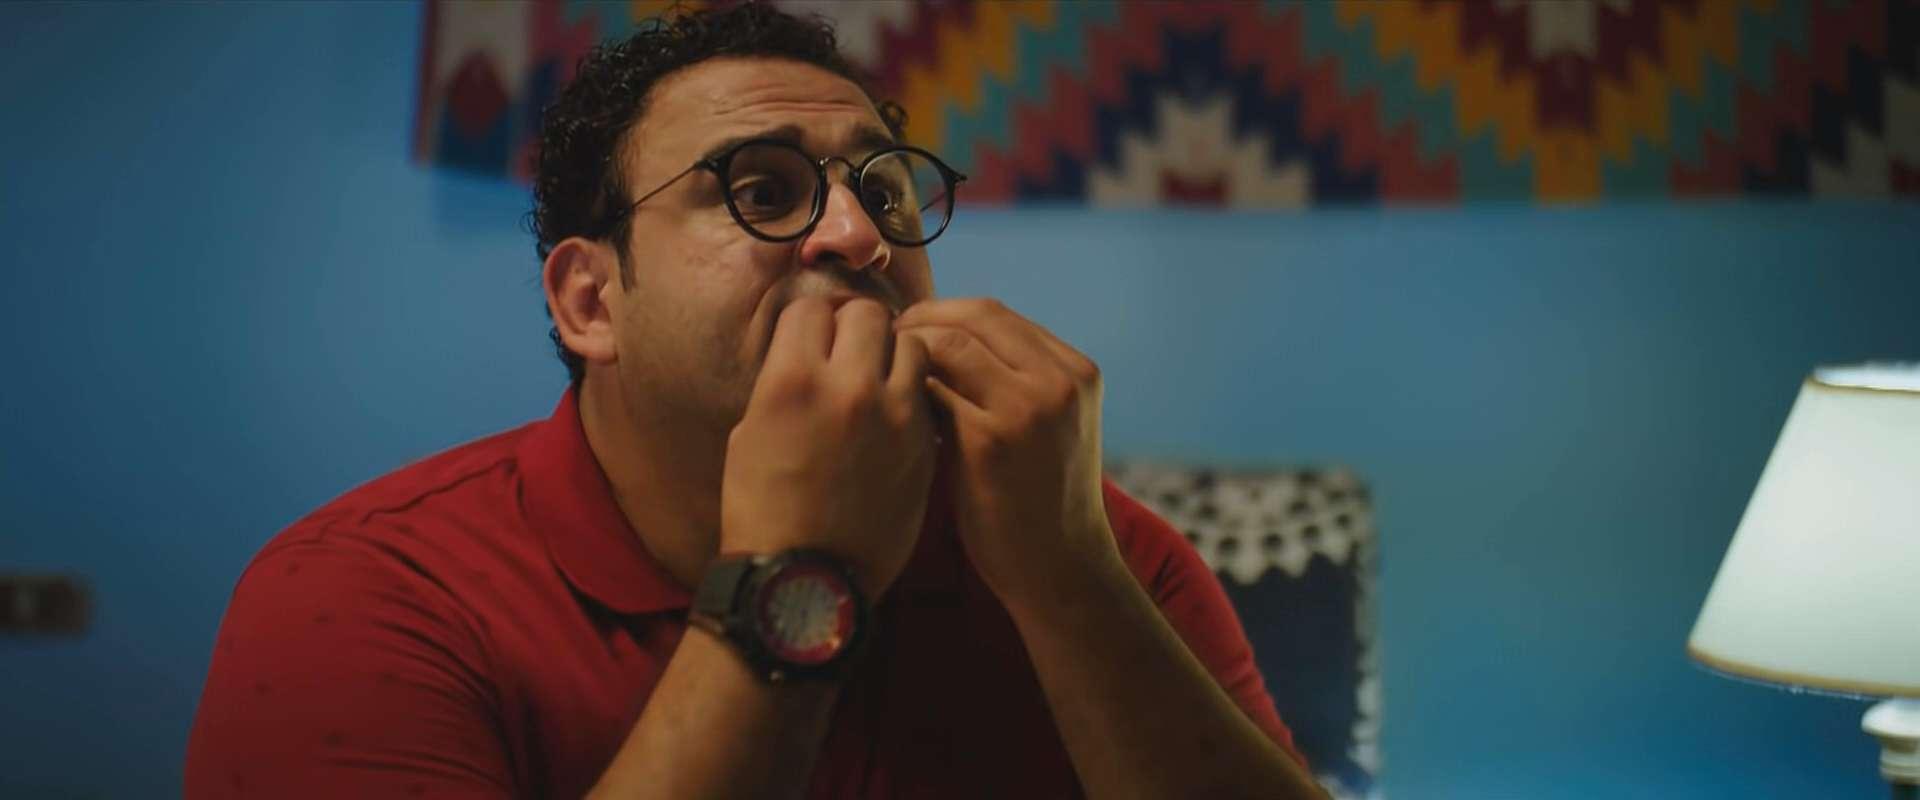 [فيلم][تورنت][تحميل][بنك الحظ][2017][1080p][HDTV] 6 arabp2p.com